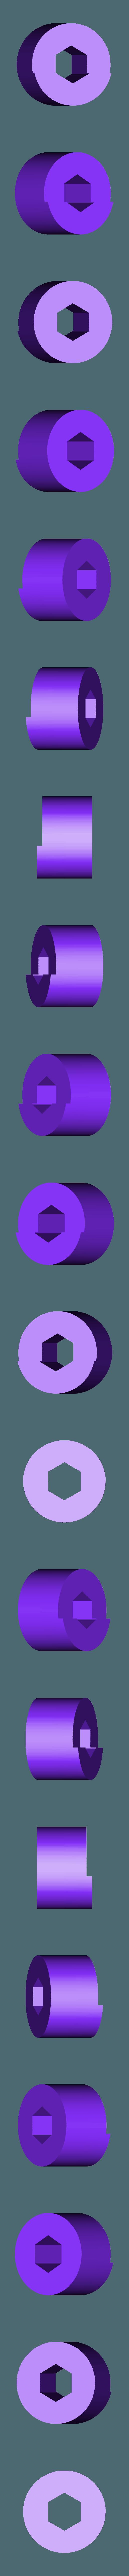 Rondelle_Inventors_Kit_v1.stl Télécharger fichier STL gratuit Trousse de l'inventeur Rondelle • Design imprimable en 3D, jeek25